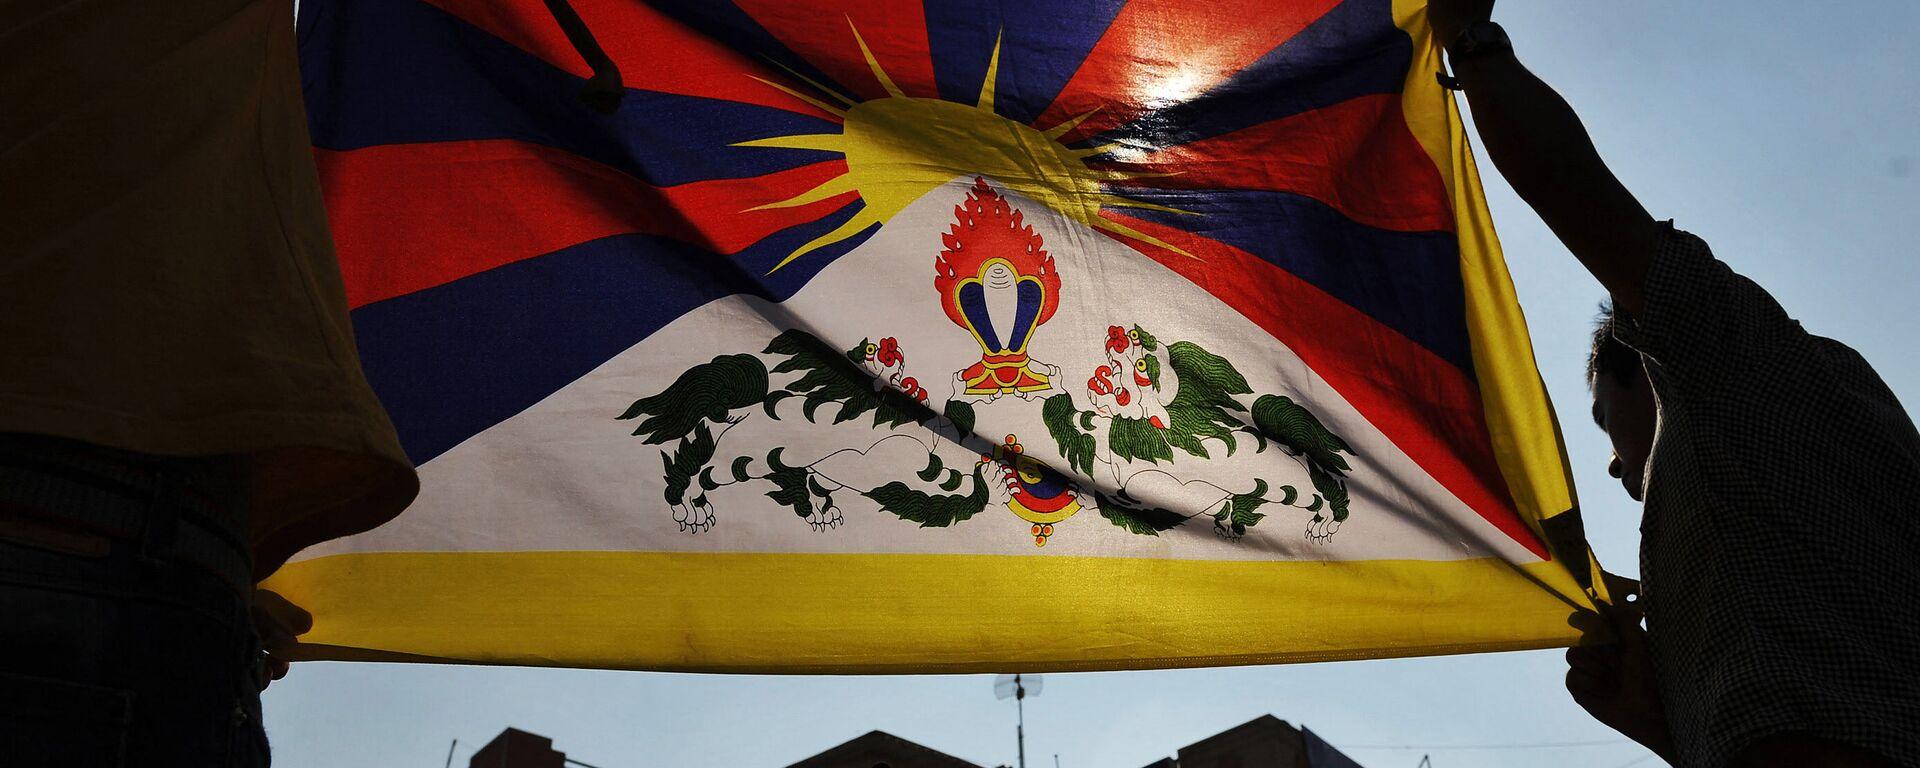 Tibetská vlajka - Sputnik Česká republika, 1920, 14.05.2021